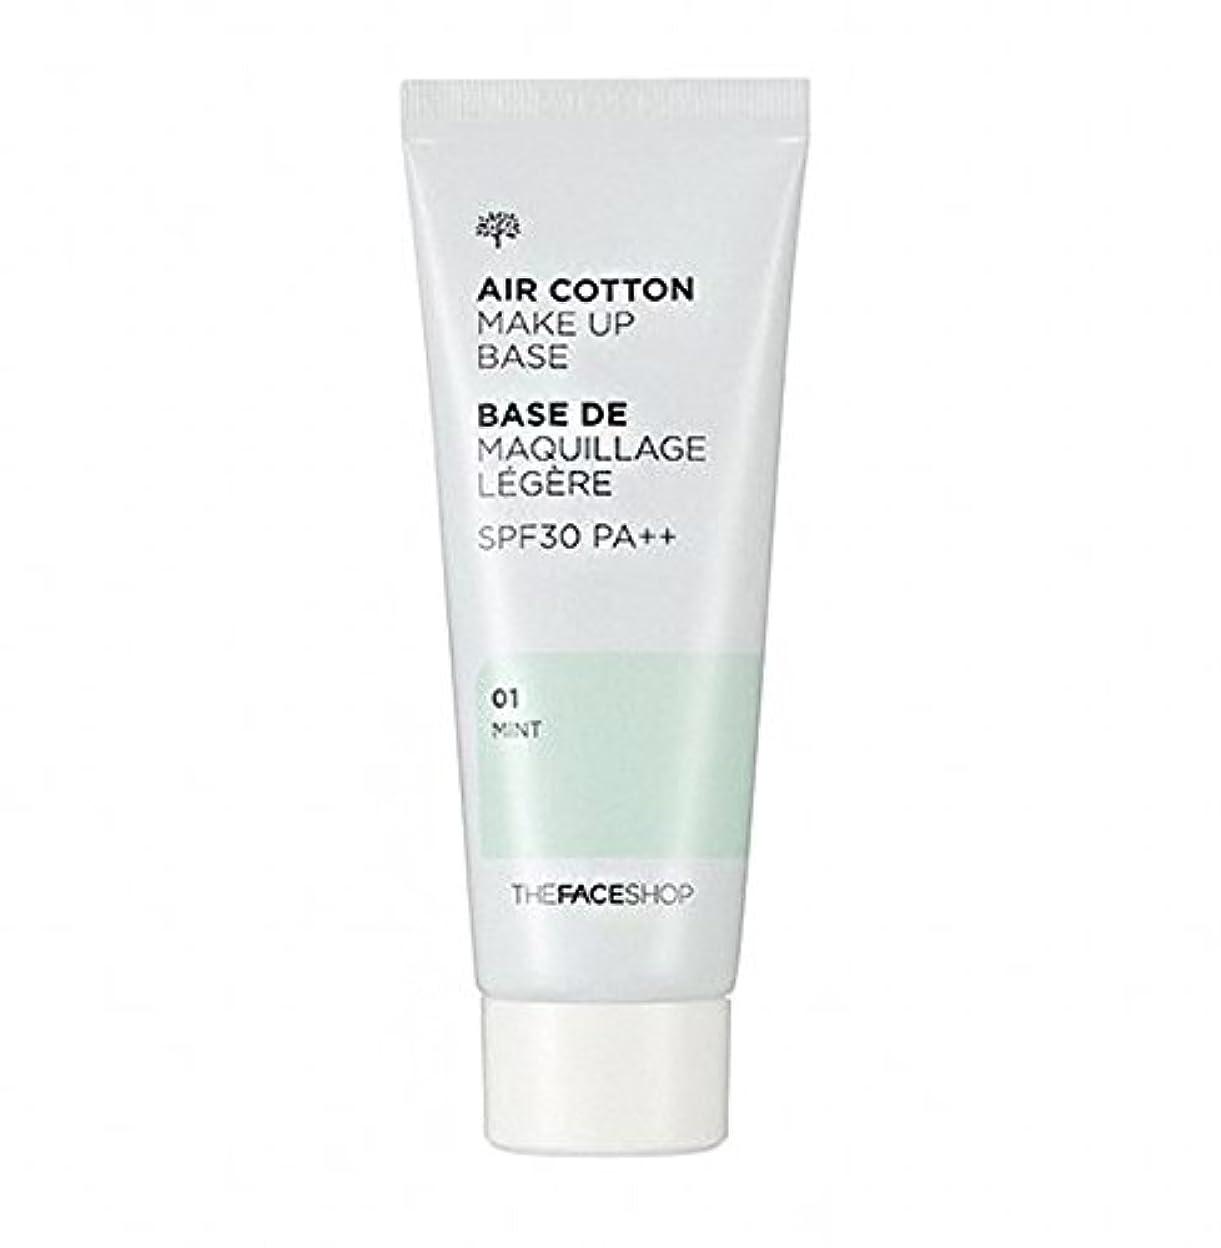 湿気の多いカヌーメールを書くザ·フェイスショップ The Face Shop エアコットン メーキャップ ベース 40ml(01 ミント) The Face Shop air Cotton Makeup Base 40ml(01 Mint) [海外直送品]